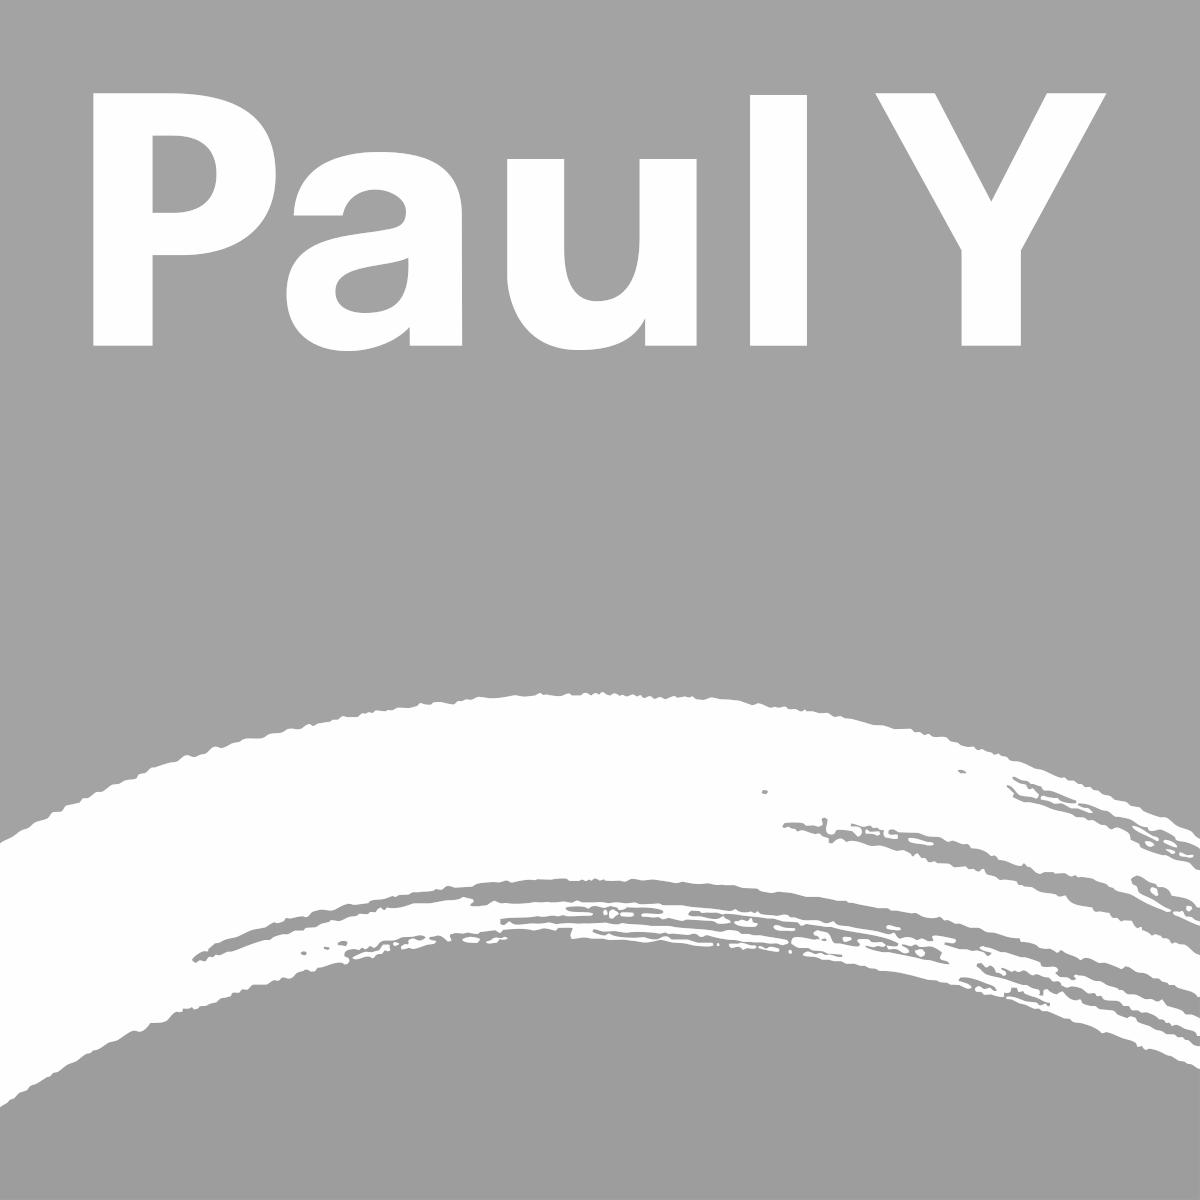 Paul_Y